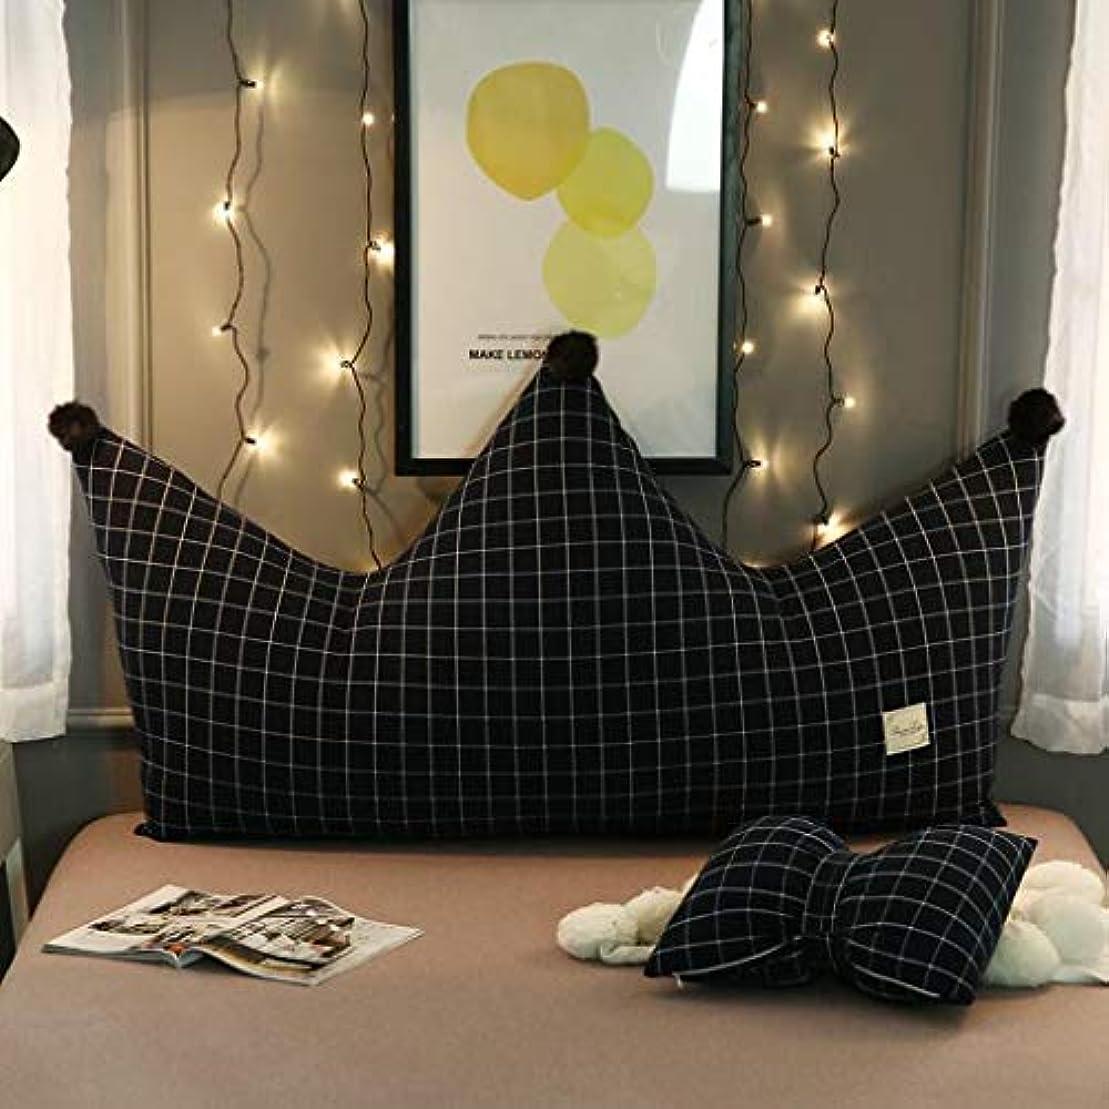 未知の財団修士号クラウンピローベッド枕寝室ソフトバッグ王女風ベッドヘッドクッション大背もたれシンプルモダン JSSFQK (Color : C, Size : 150cm)